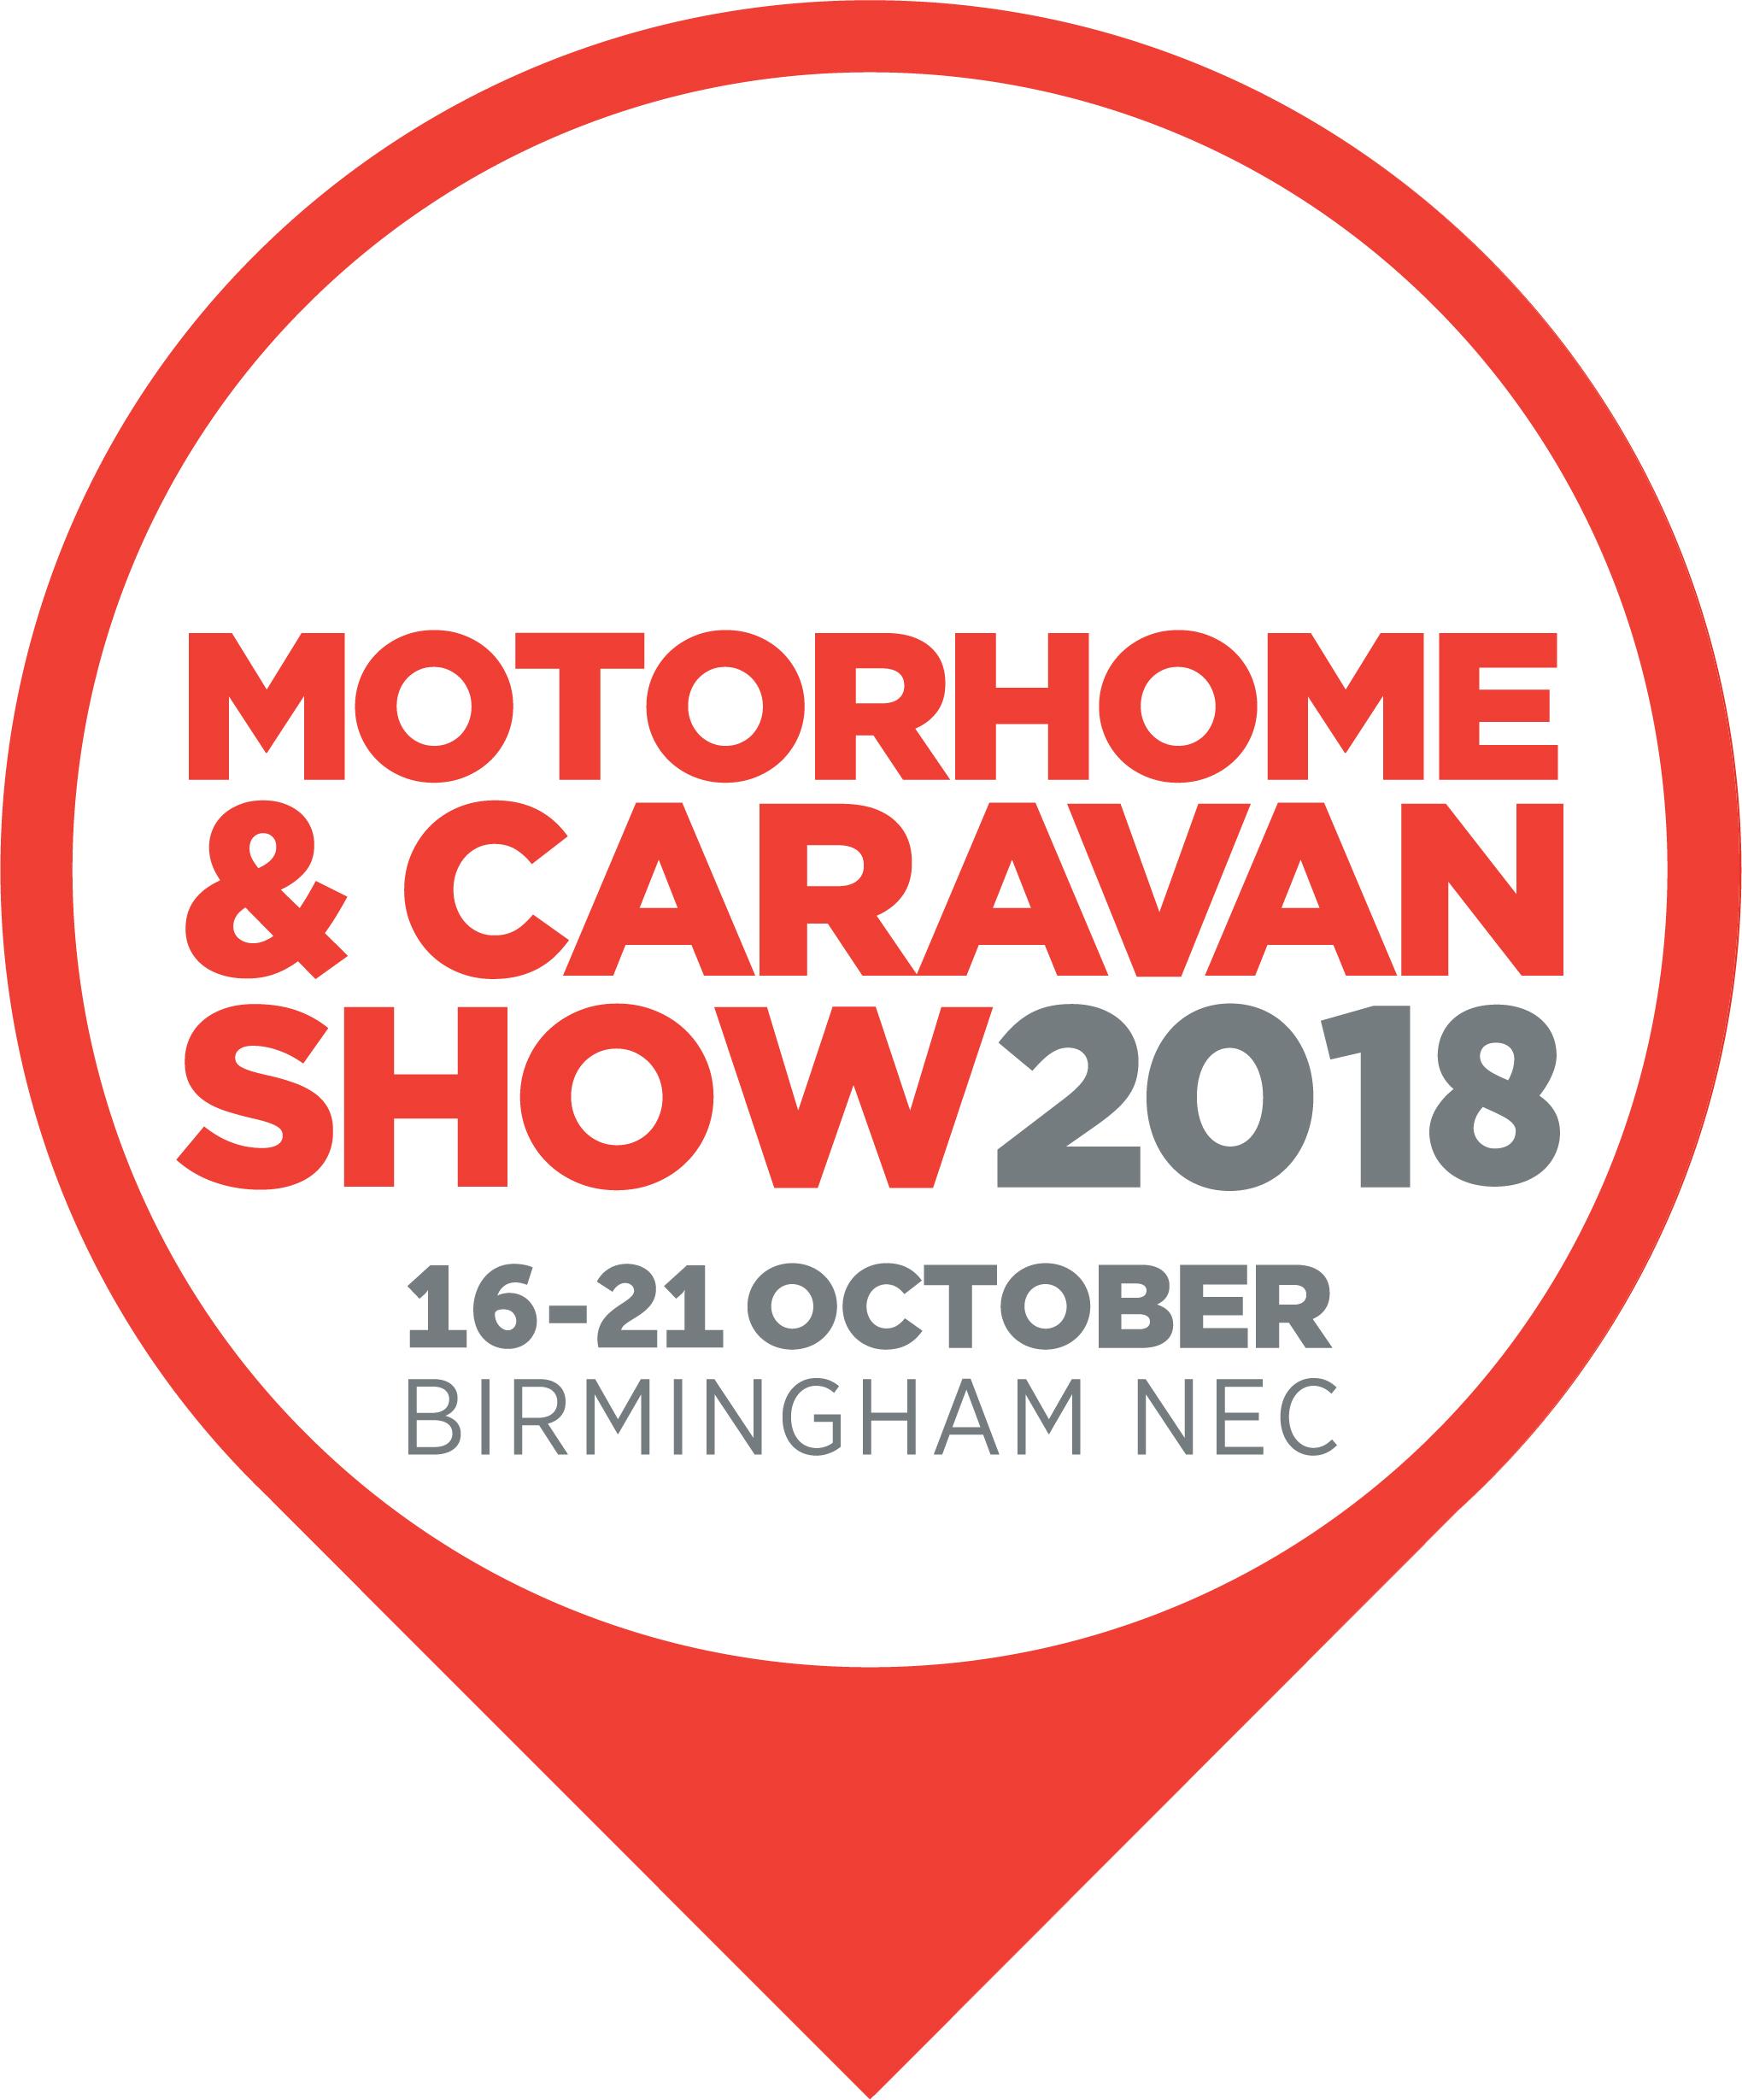 Motorhome & Caravan Show 2018